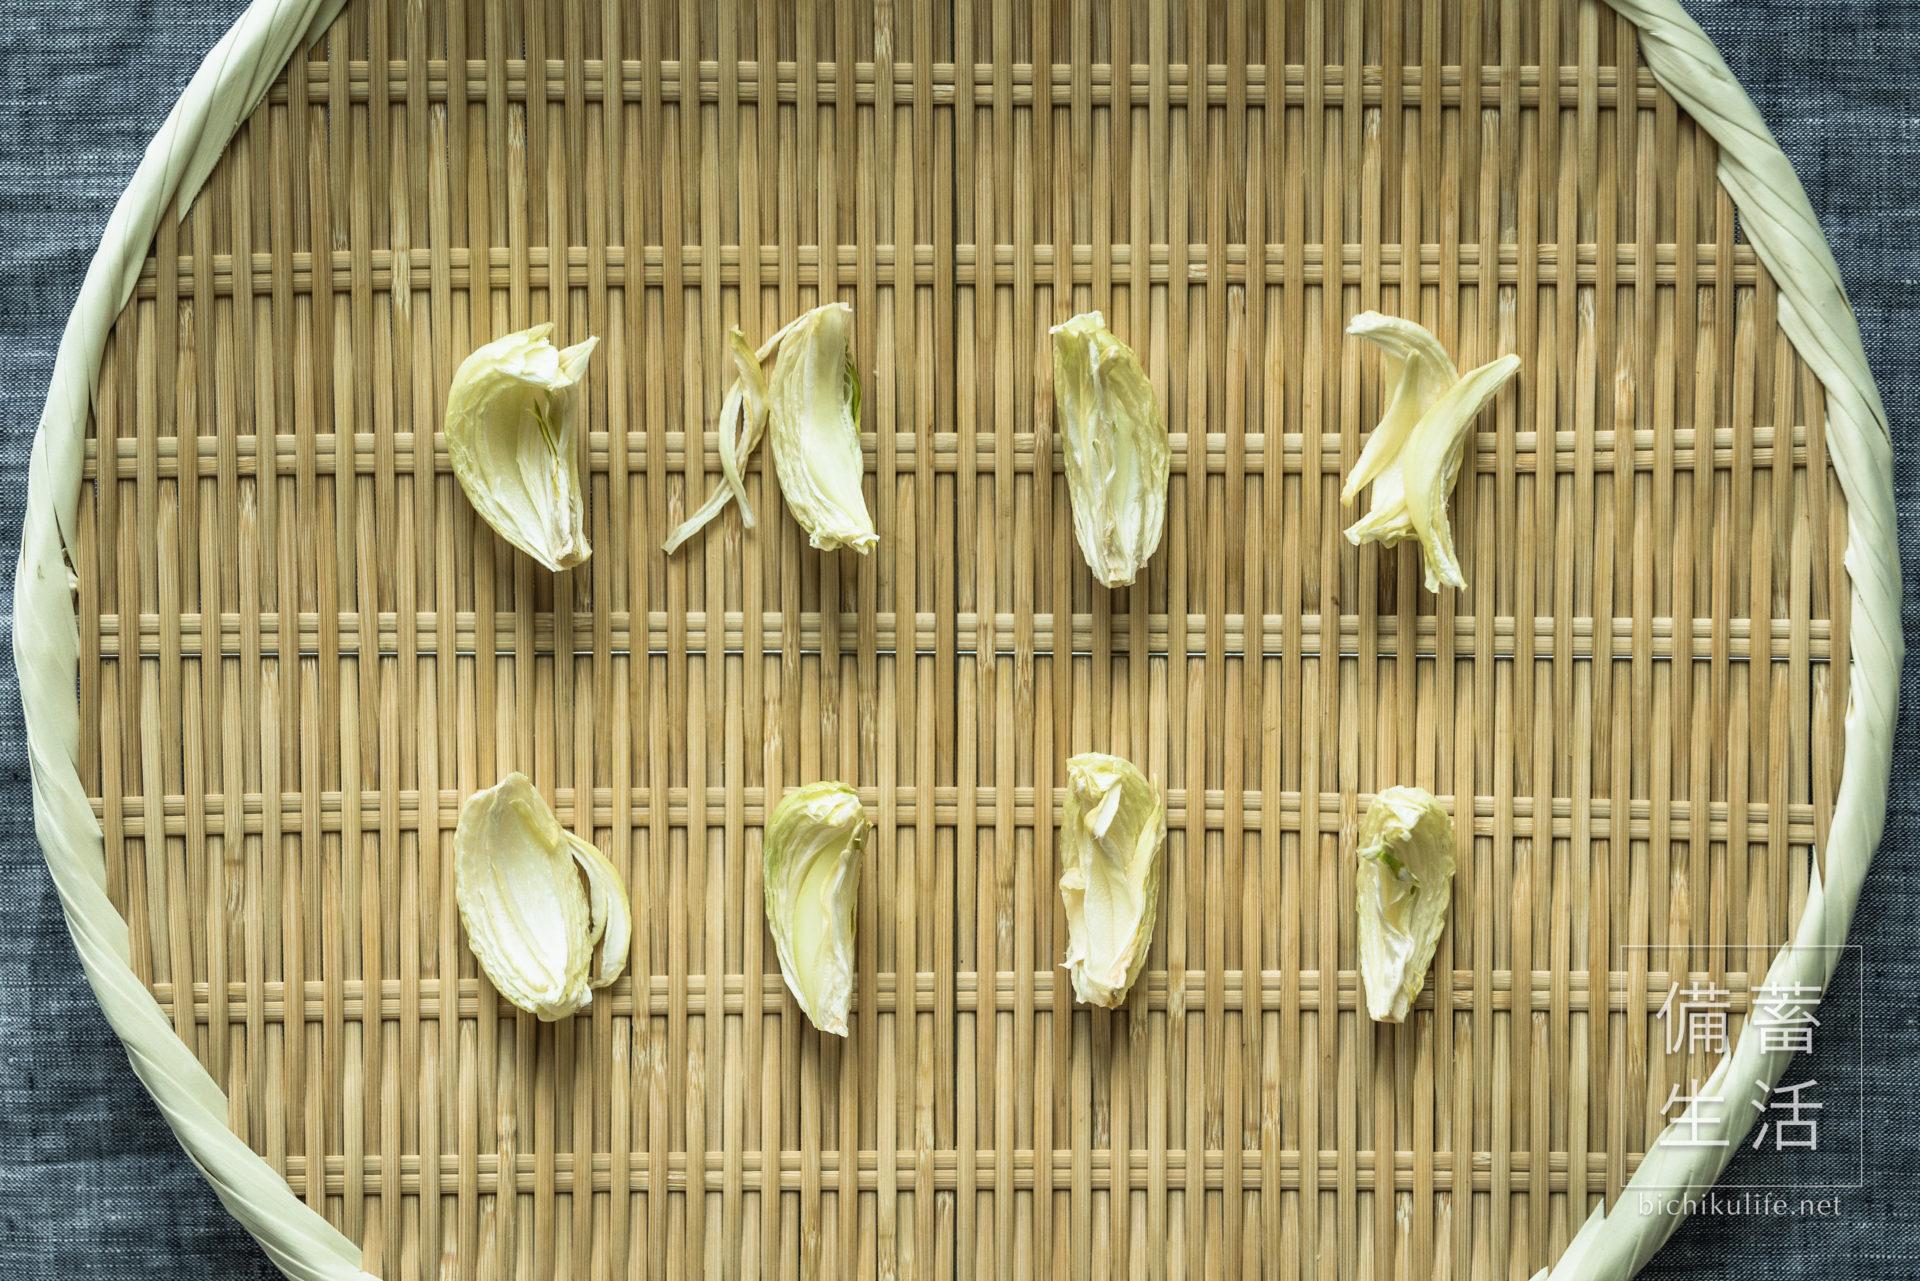 たまねぎ 干し野菜づくり|干し玉ねぎの作り方